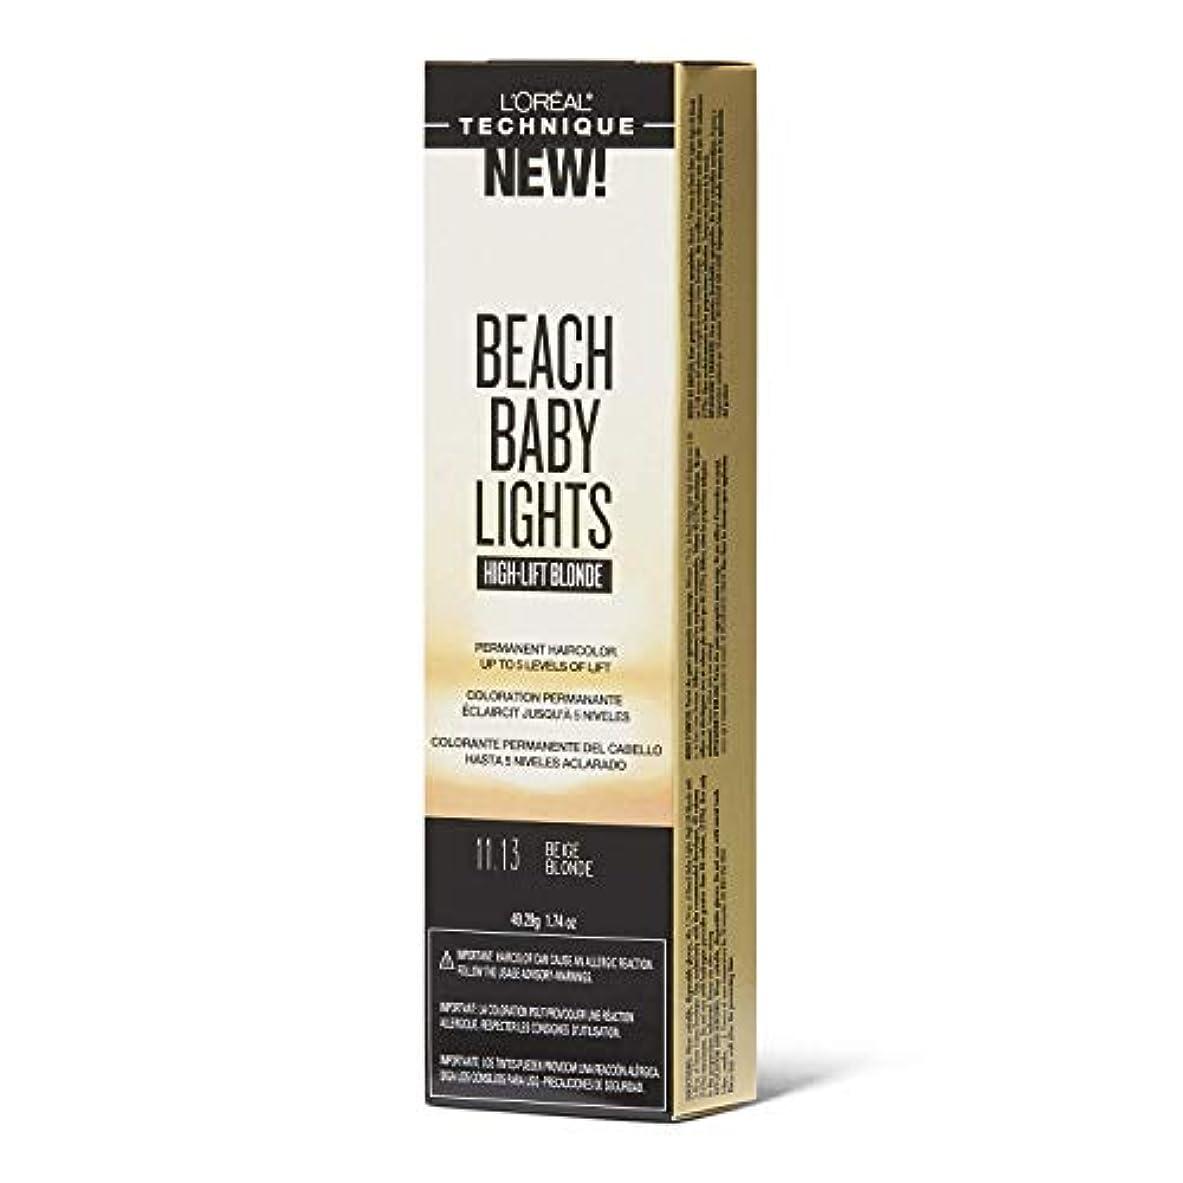 実用的口実曲げるL'Oreal Paris L'Orealのビーチ赤ちゃんライトハイリフトベージュブロンド11.13ベージュブロンド